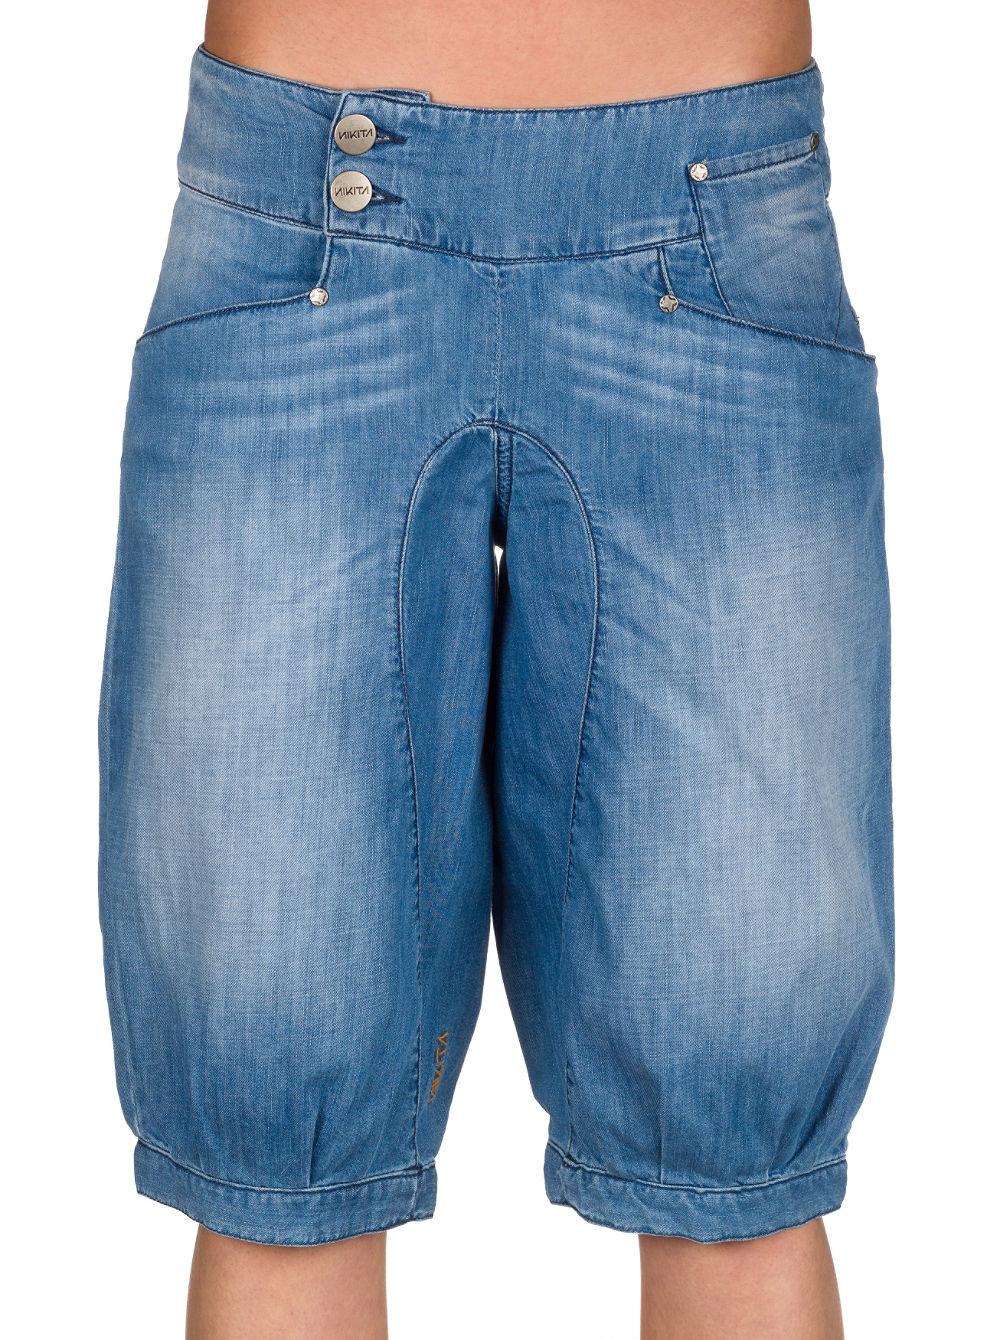 nikita-reality-shorts